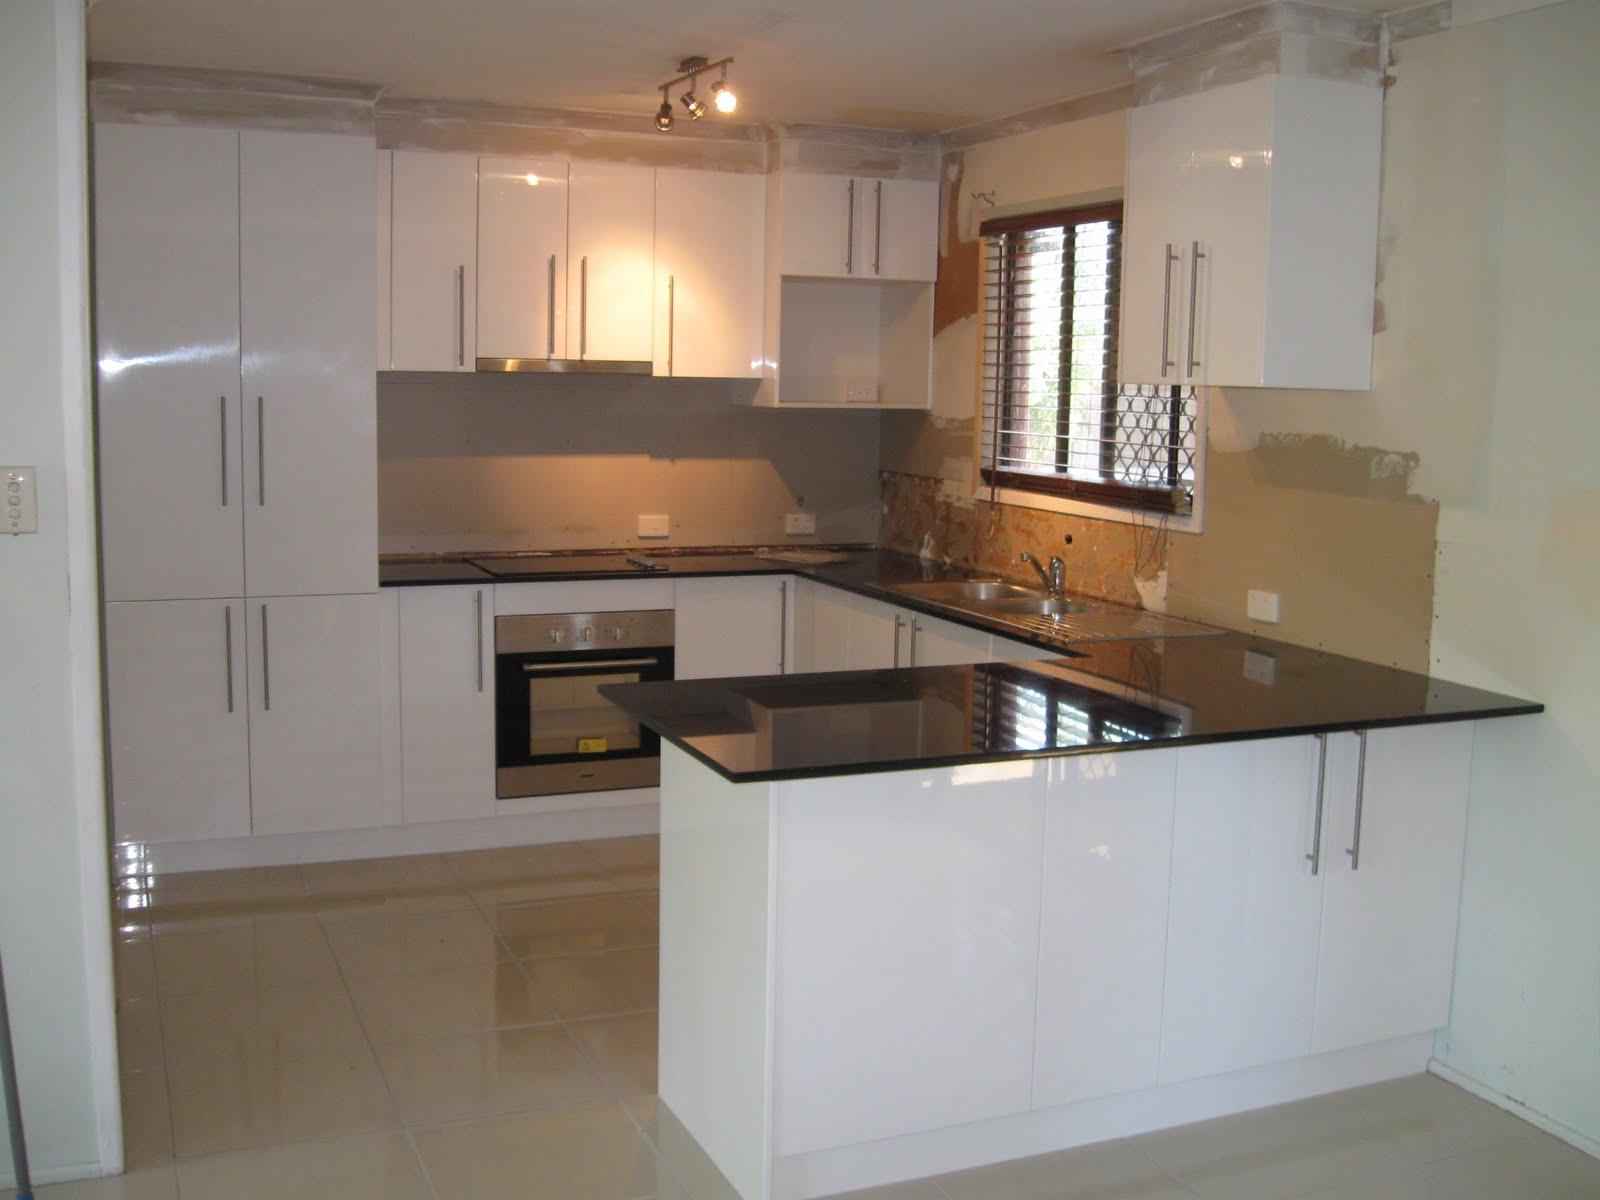 u shaped kitchens photos photo - 4